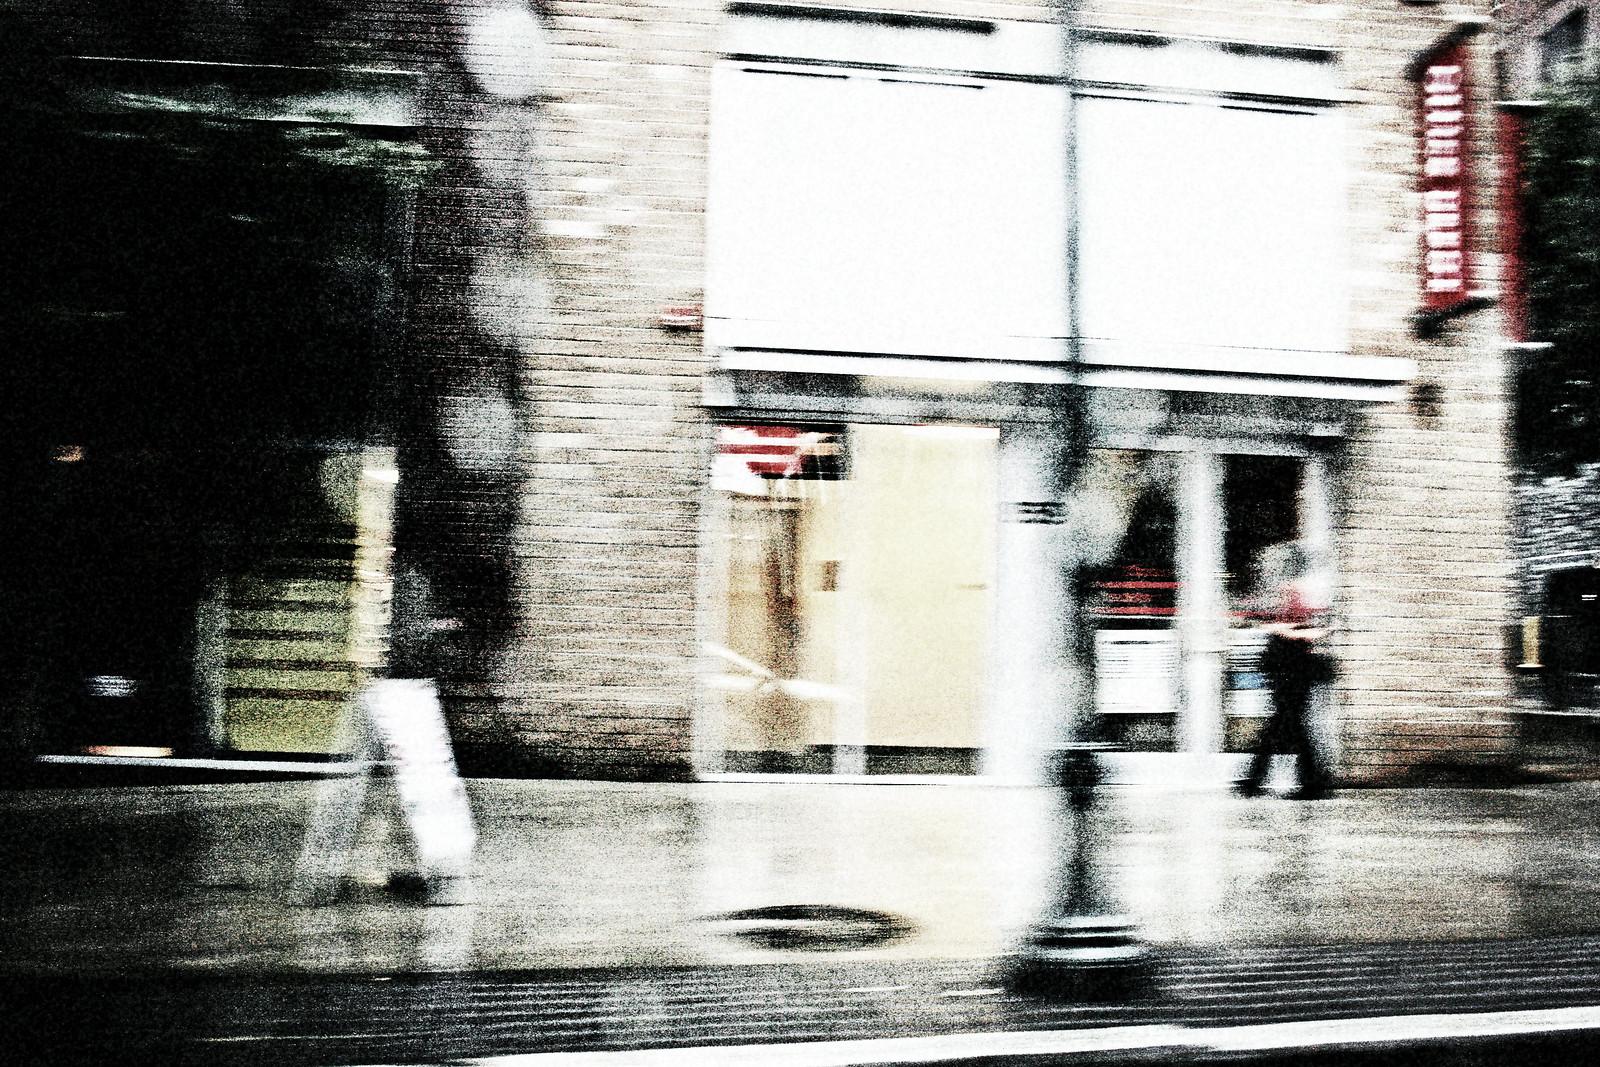 Pedestrian, Midtown Atl